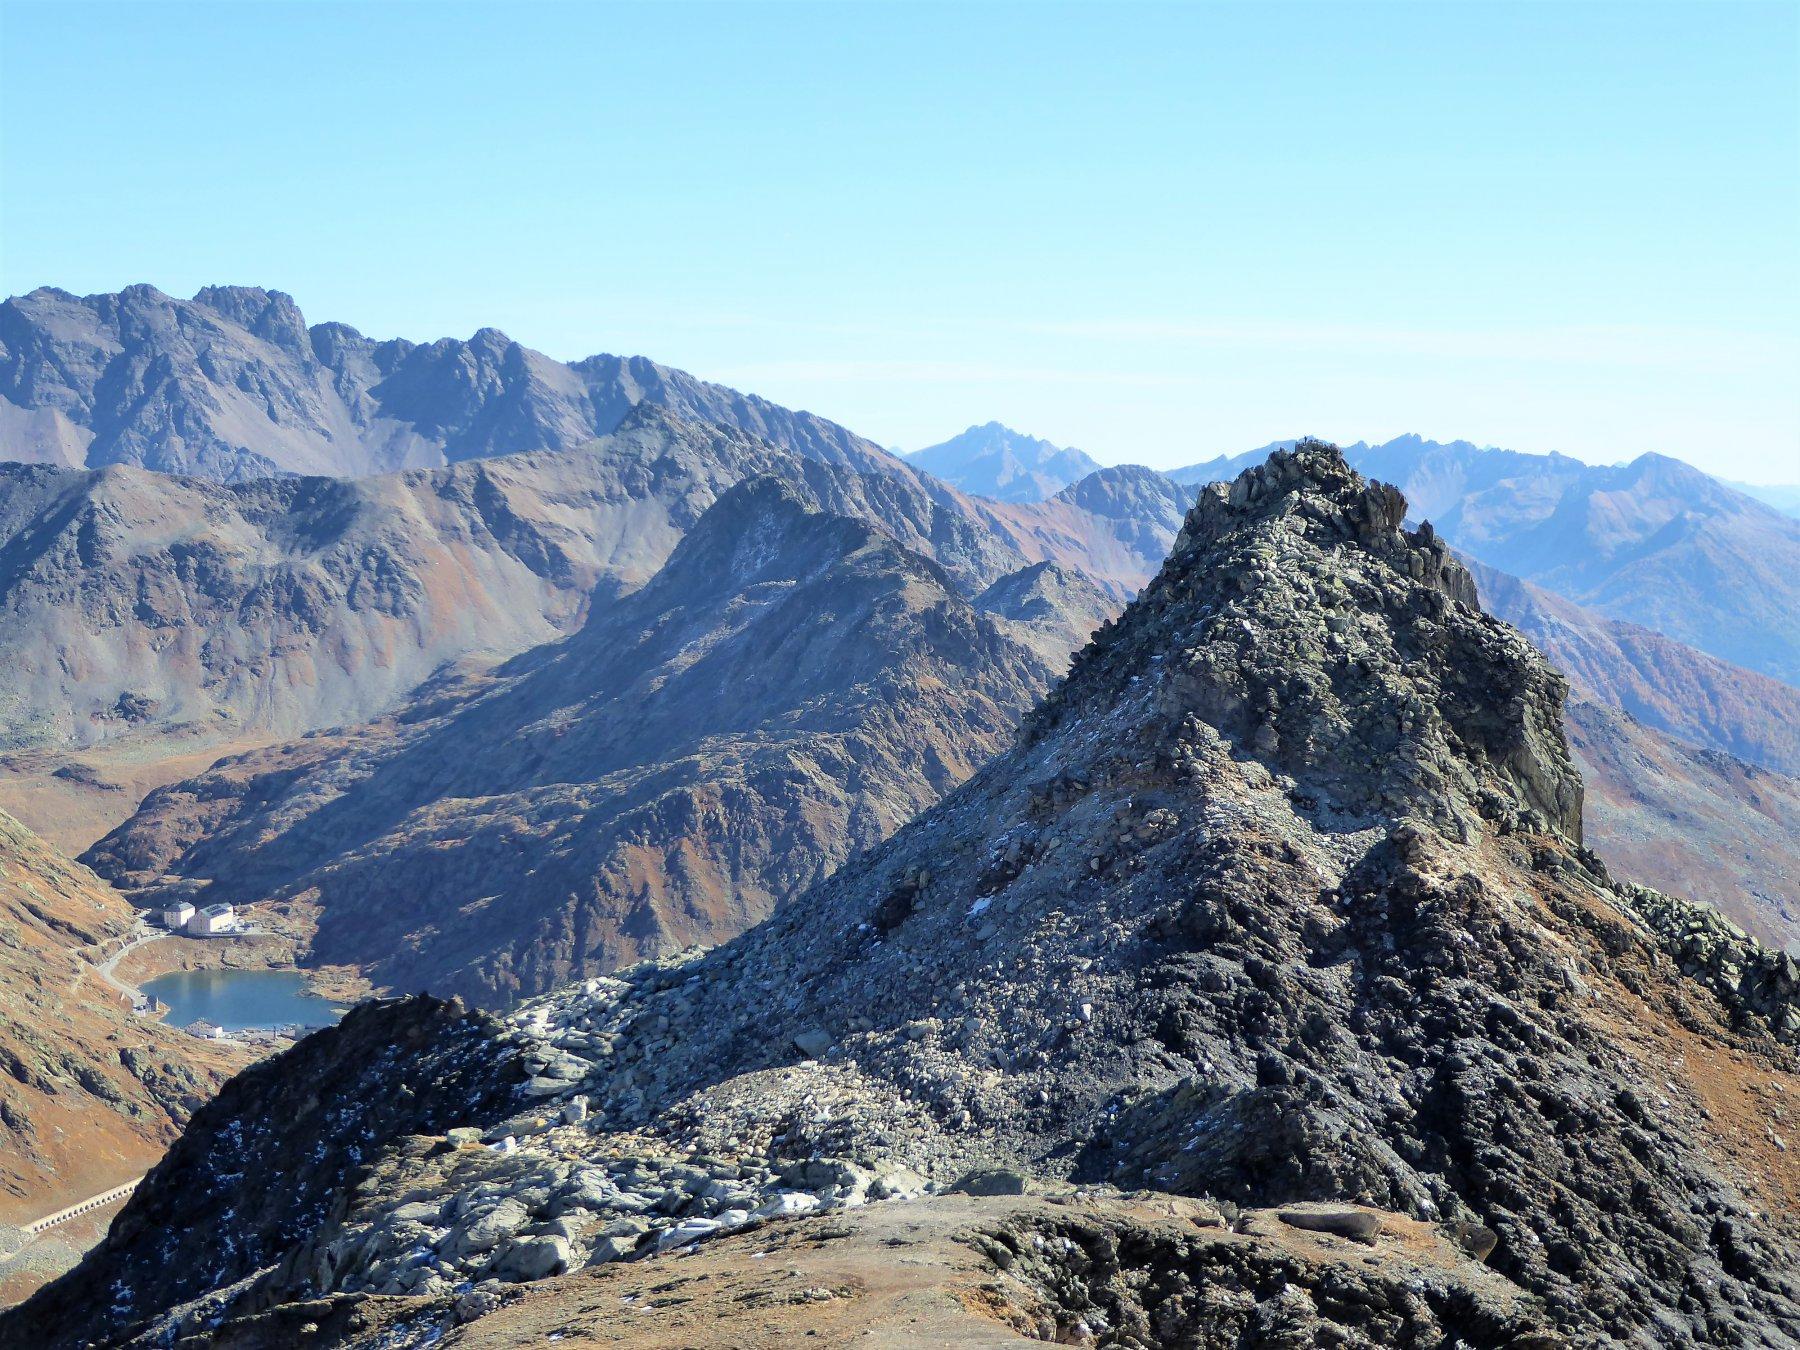 ultima cima di oggi: Pain de Sucre, con in basso a sinistra il Colle del Gran San Bernardo